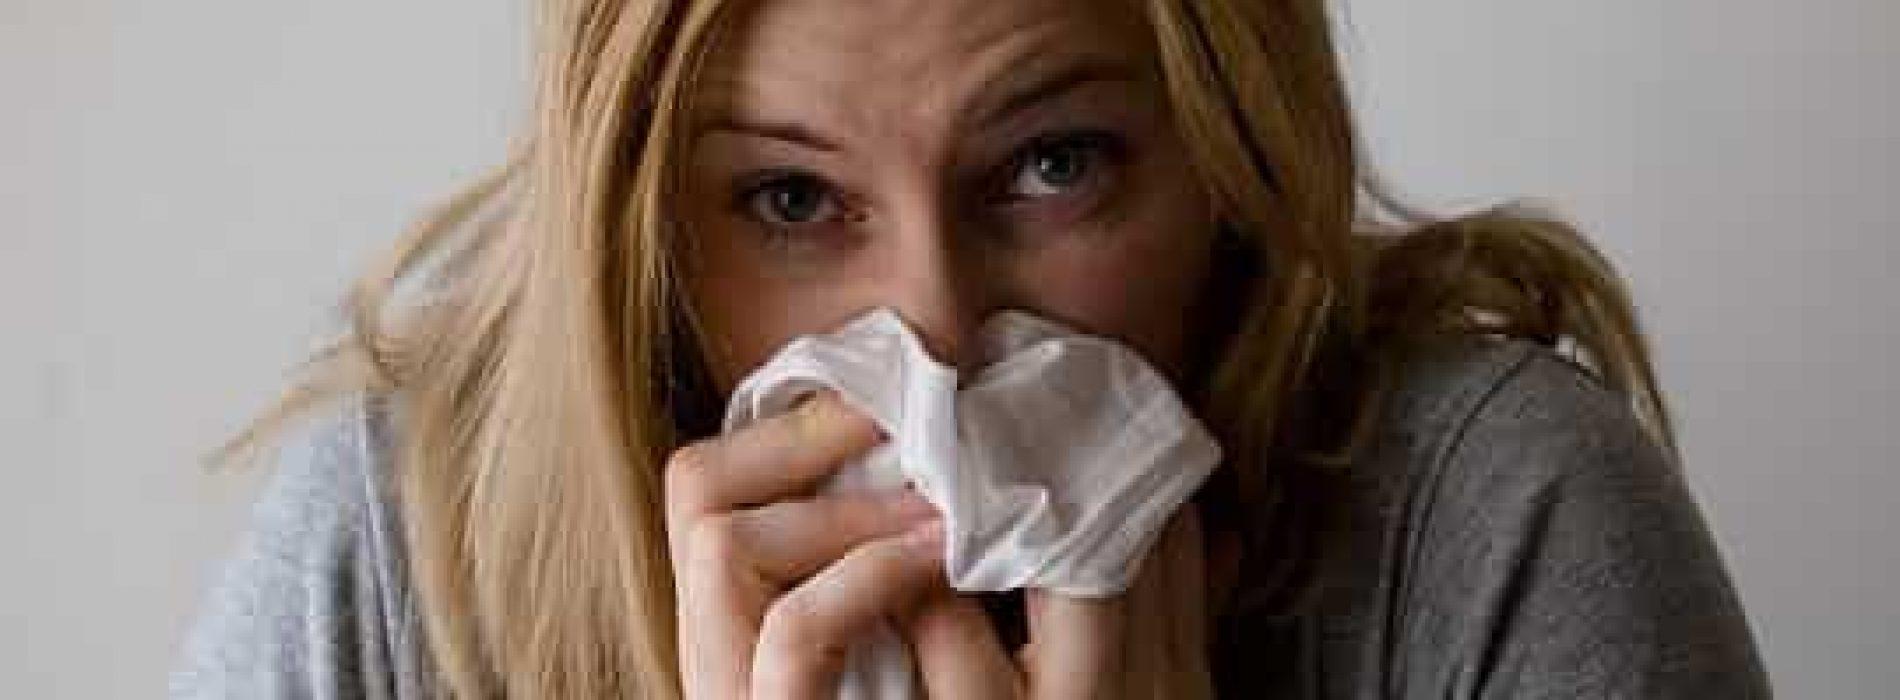 Hva hjelper mot tett nese?